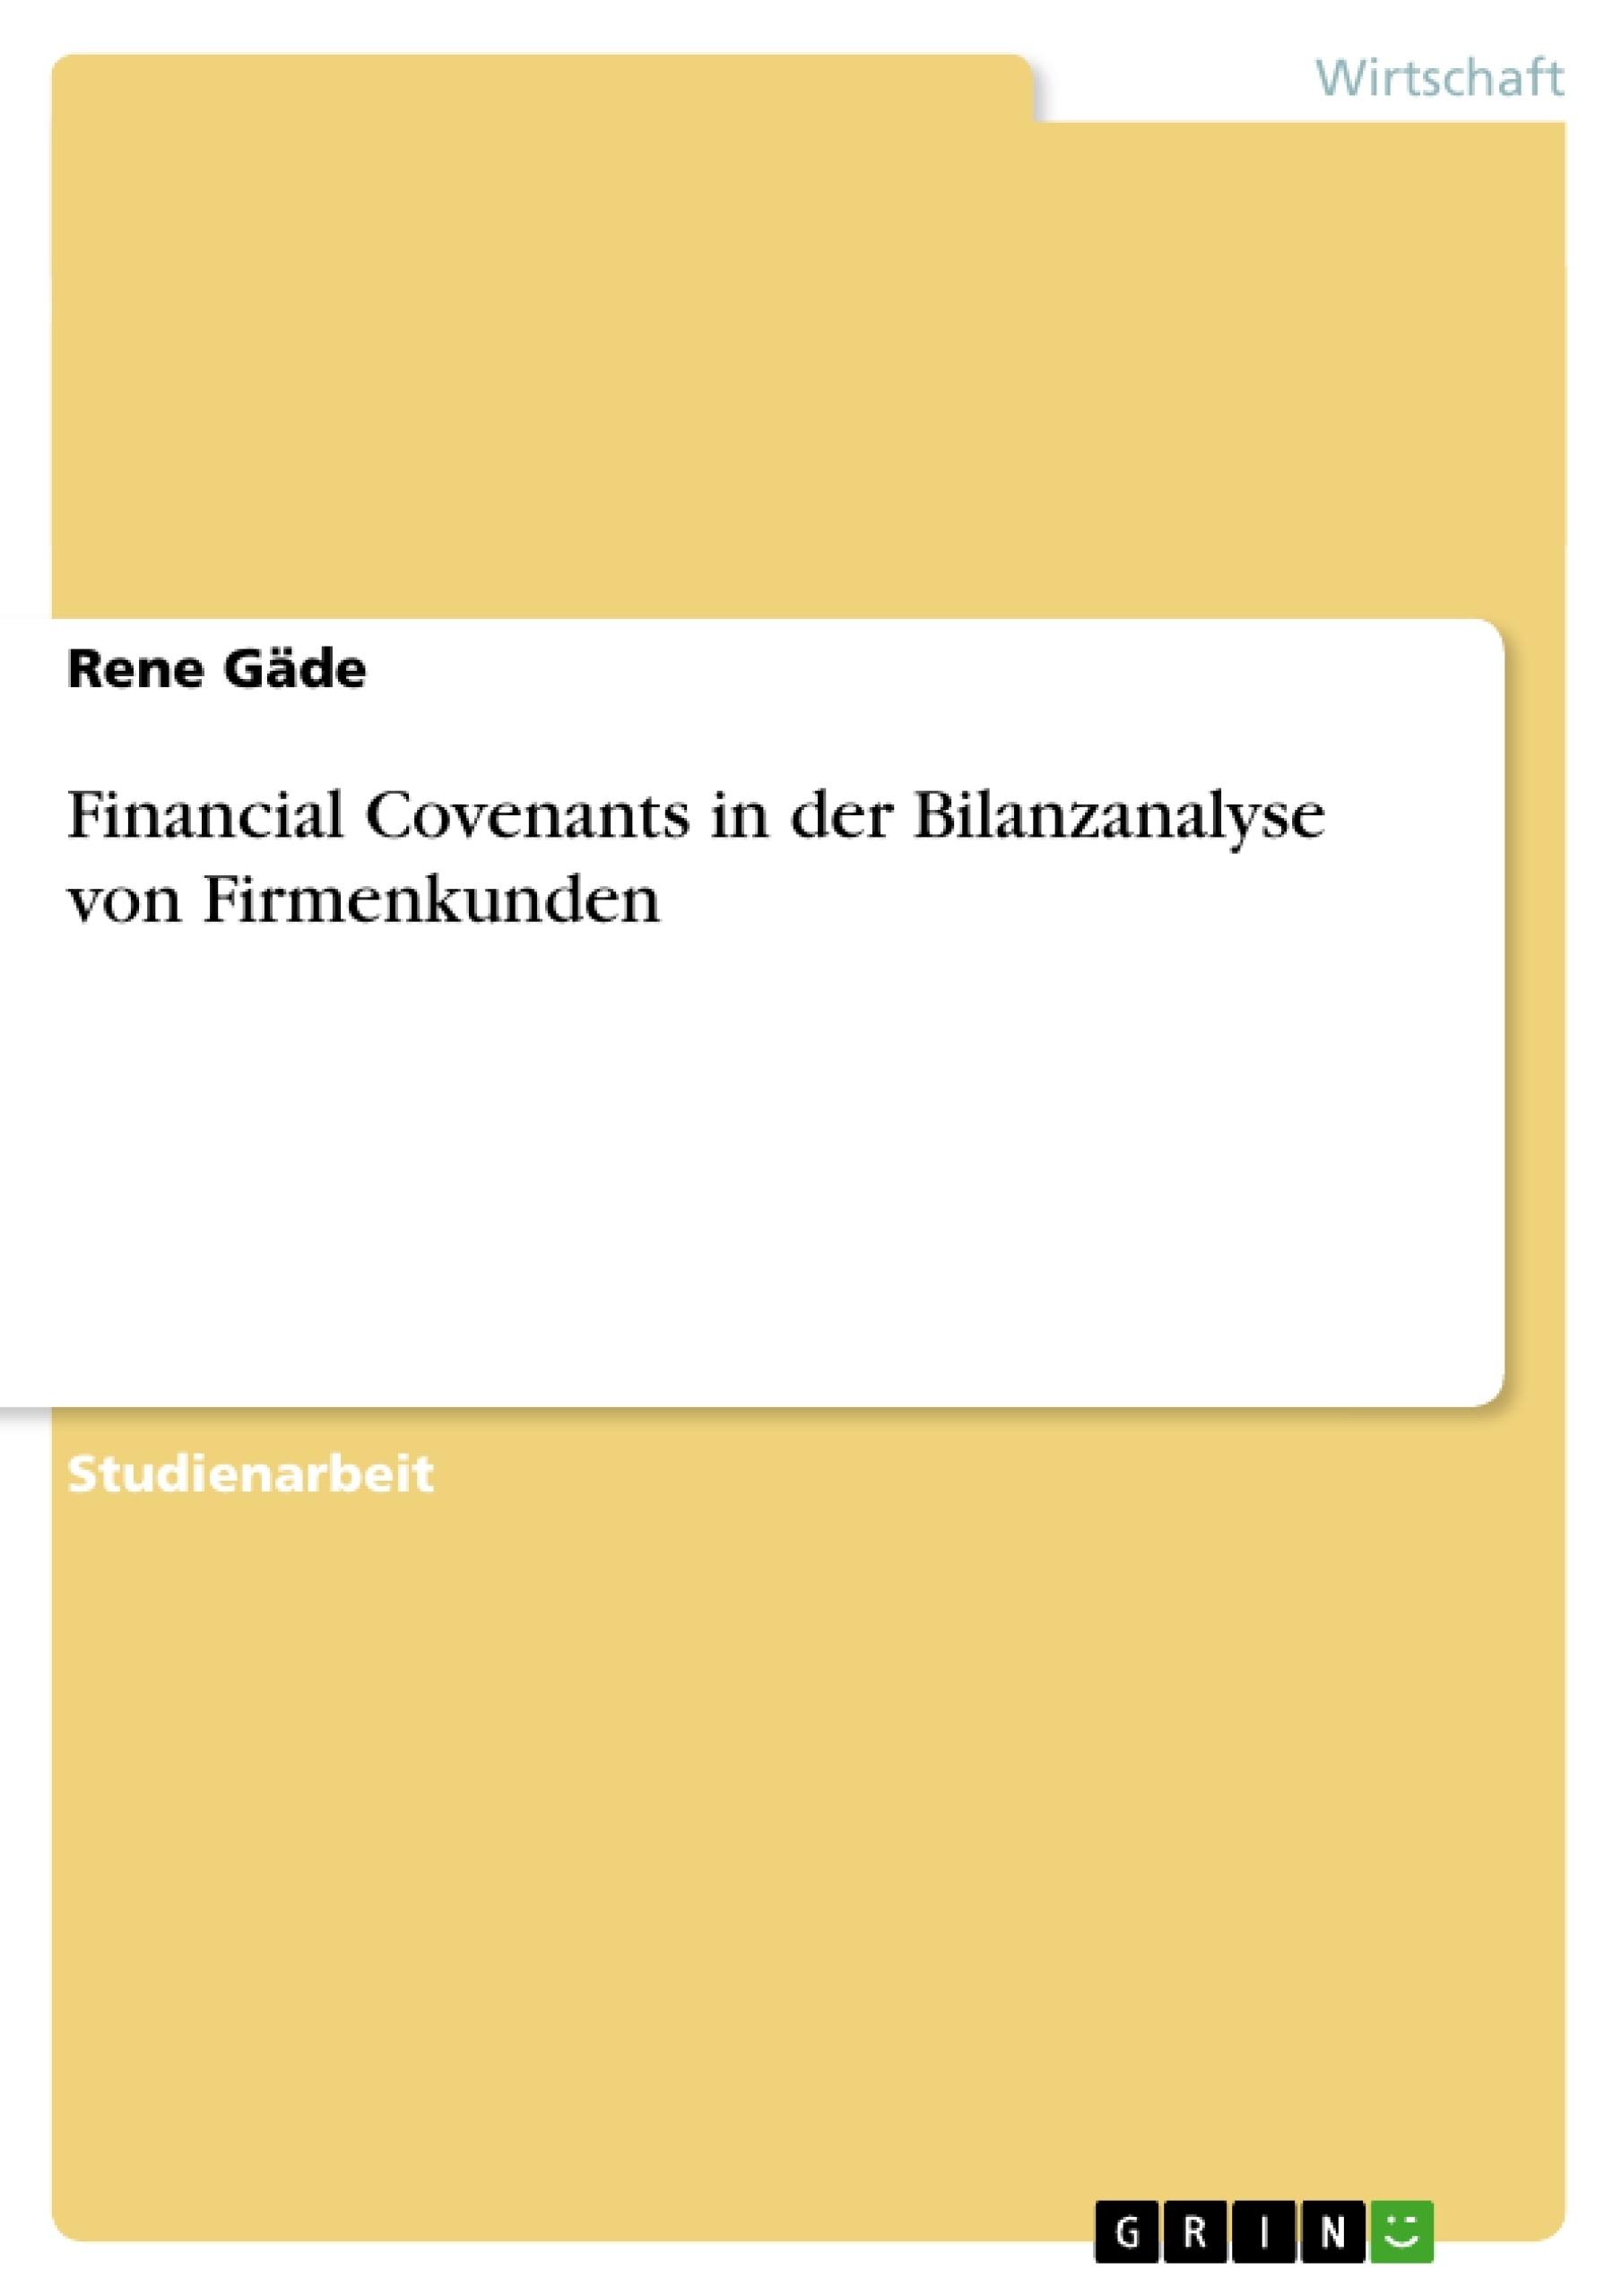 Titel: Financial Covenants in der Bilanzanalyse von Firmenkunden